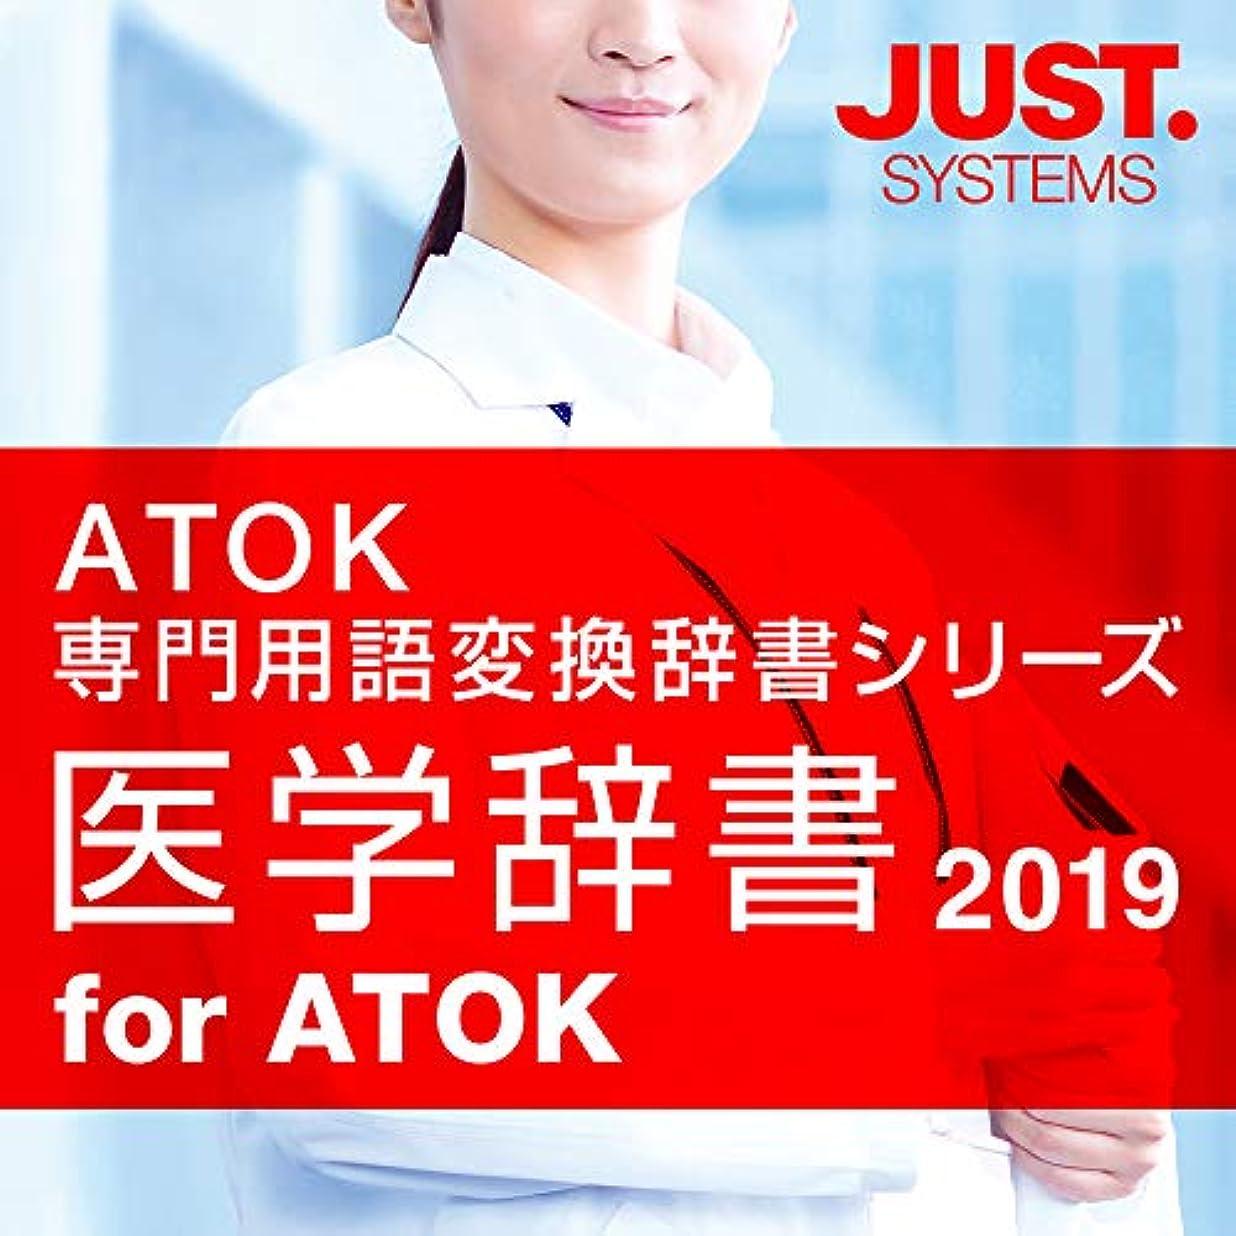 不良品聴覚障害者誤って医学辞書2019 for ATOK 通常版 ダウンロード版